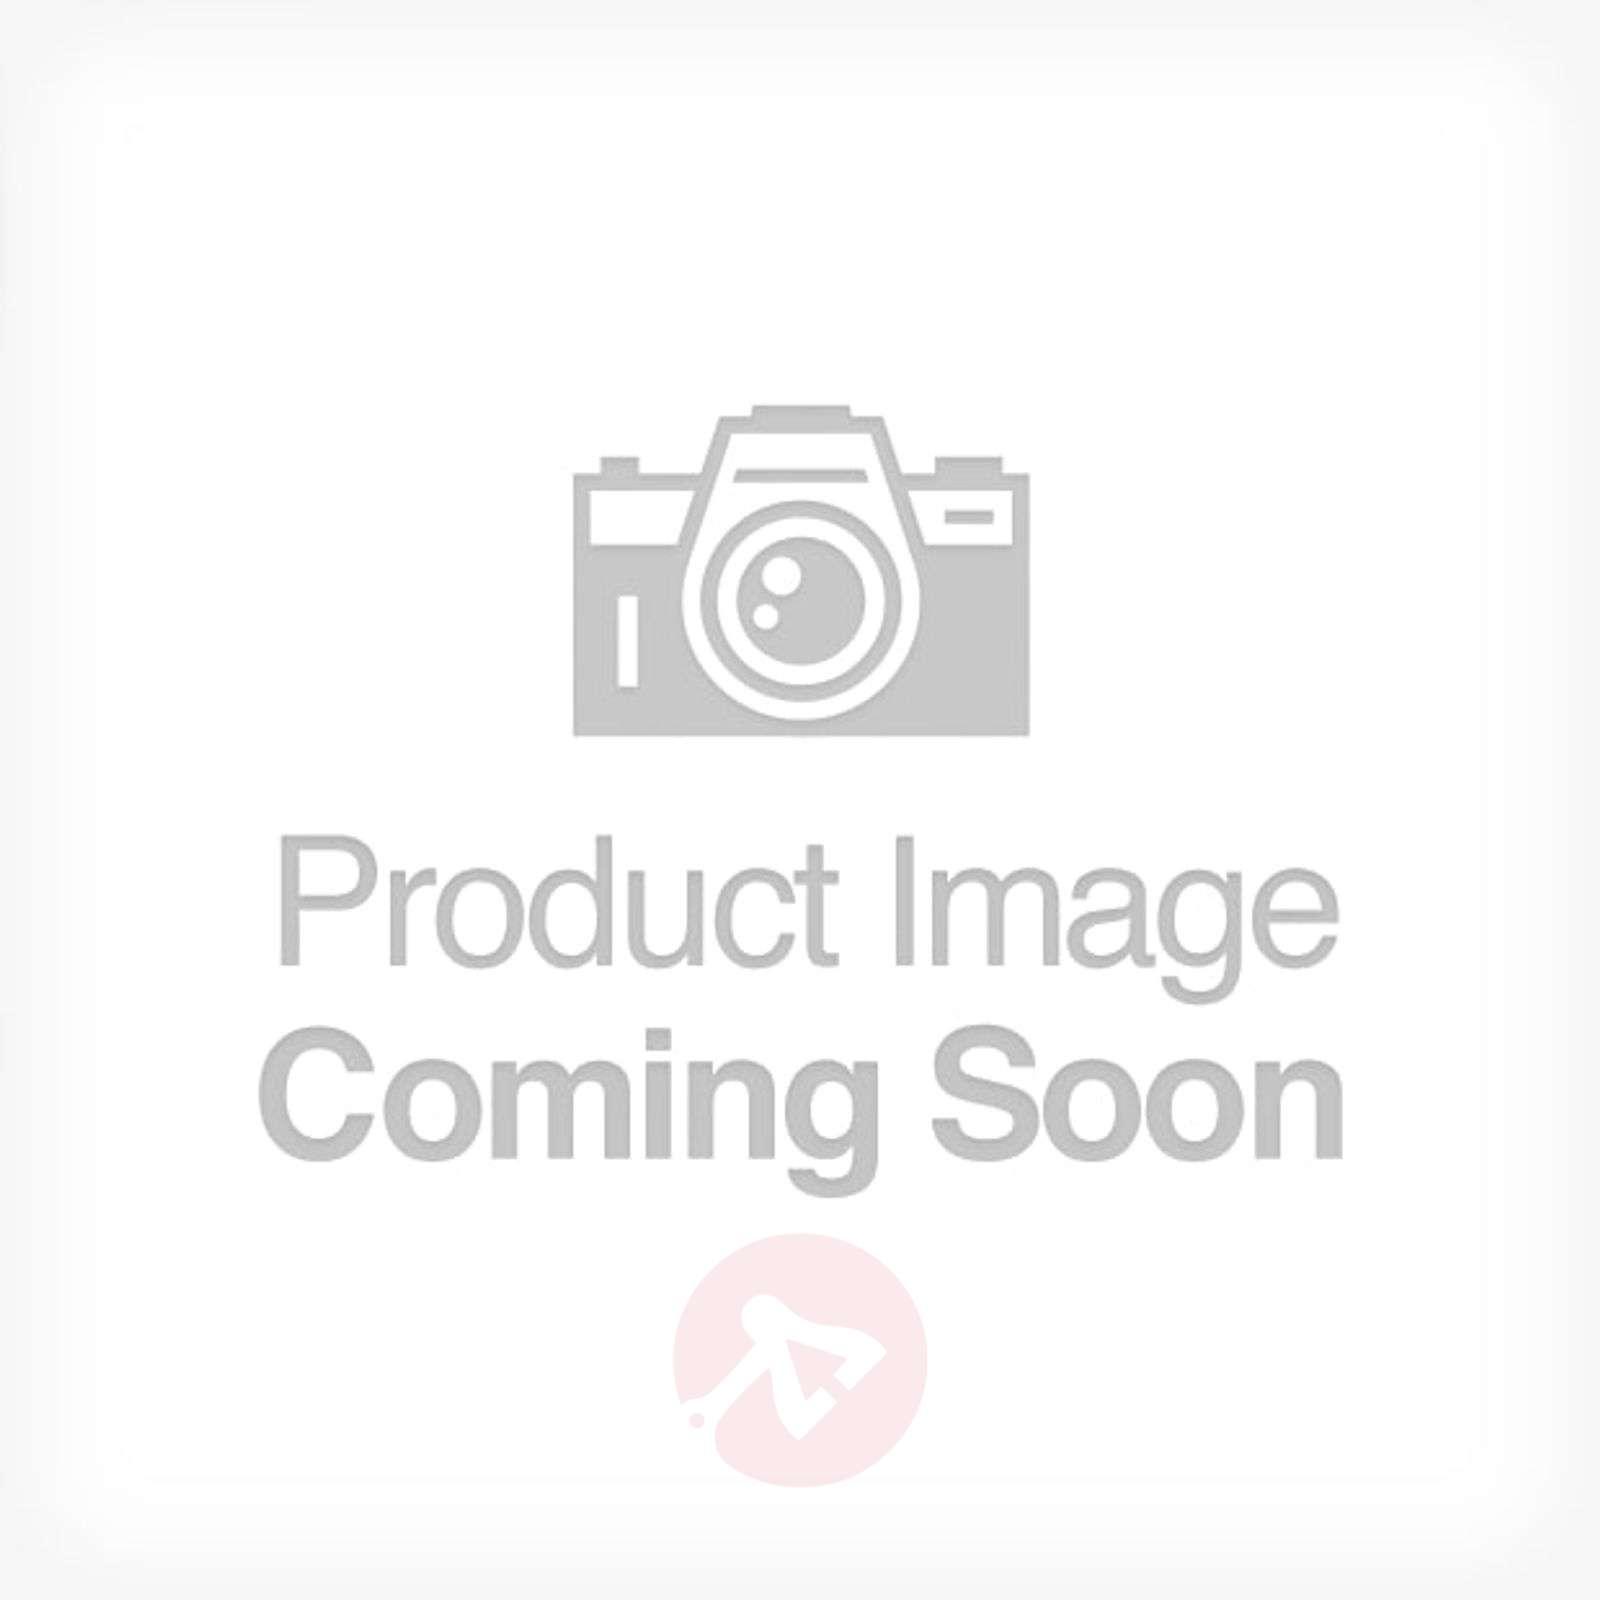 Riippuvalaisin 2120 yksittäisenä 2 x 80 W prisma-1009071-01